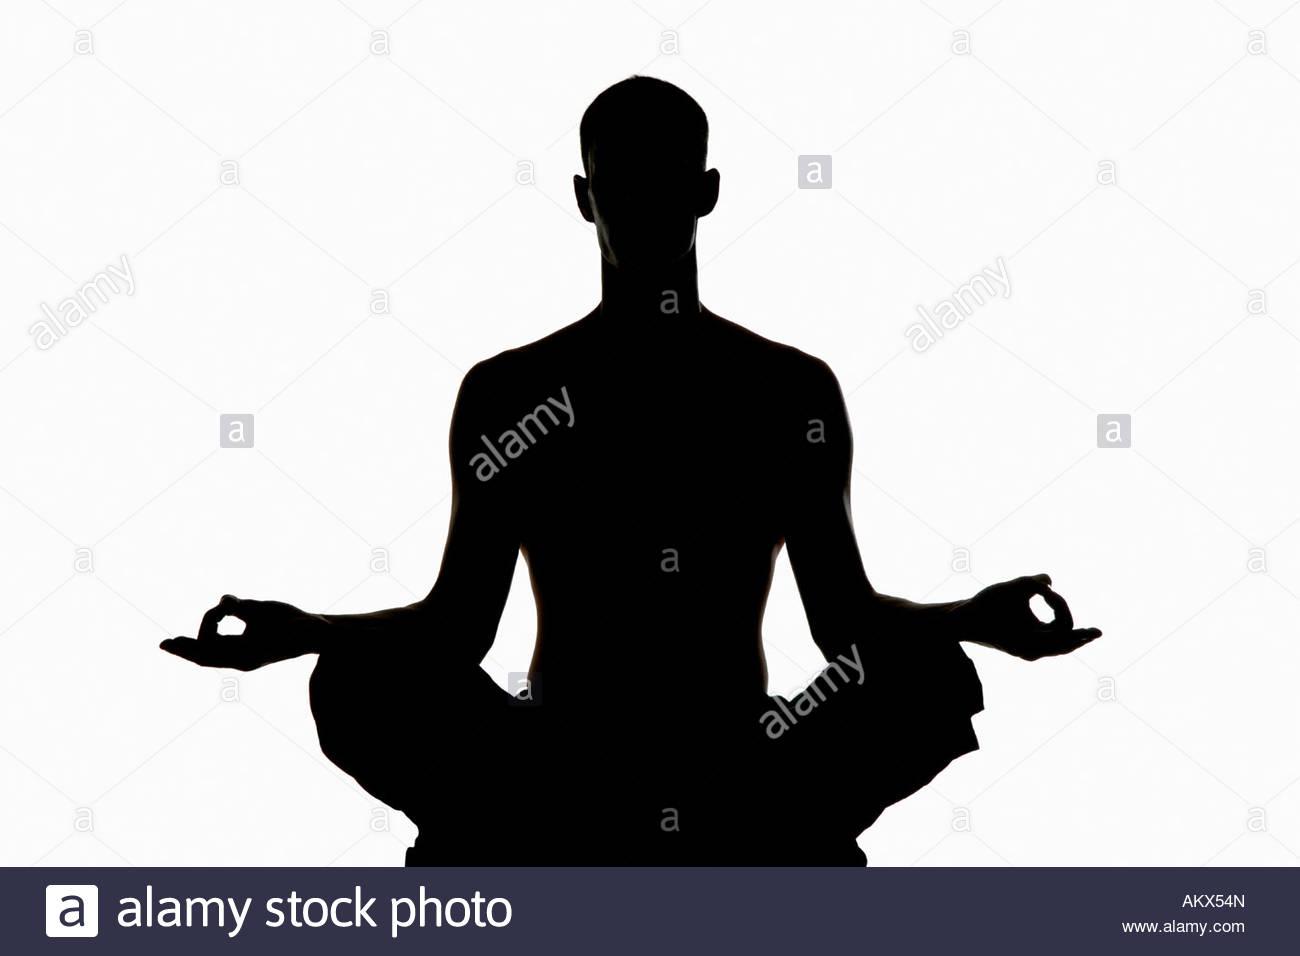 1300x956 Man Exercising Yoga Silhouette Stock Photo 15085892